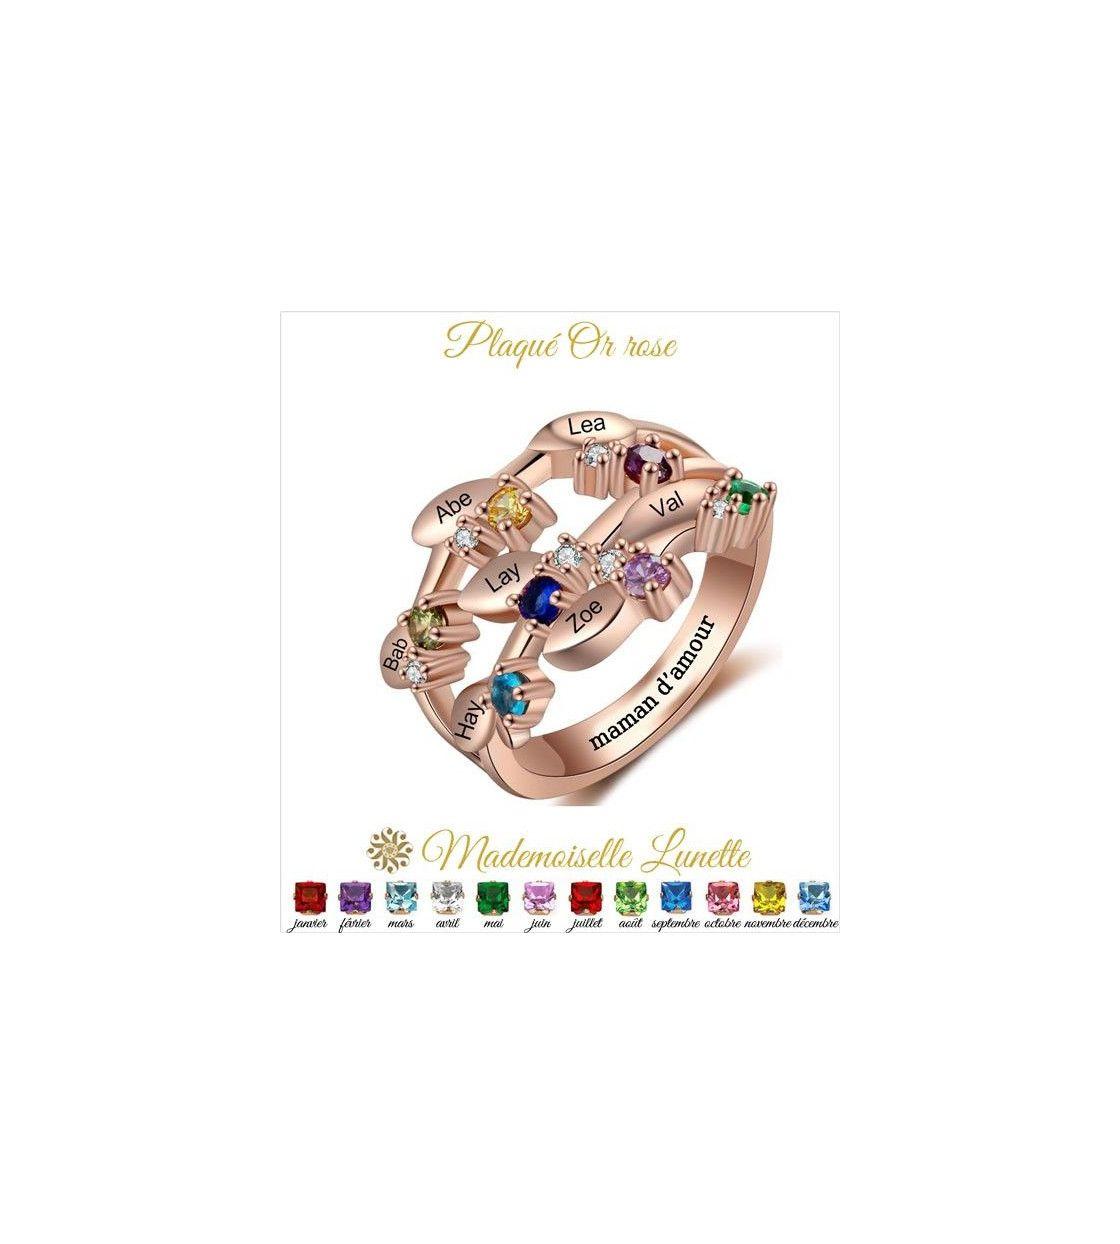 bague-famille-en-plaque-or-rose-pour-maman-et-7-pierres-de-naissance-7-gravure-prenoms